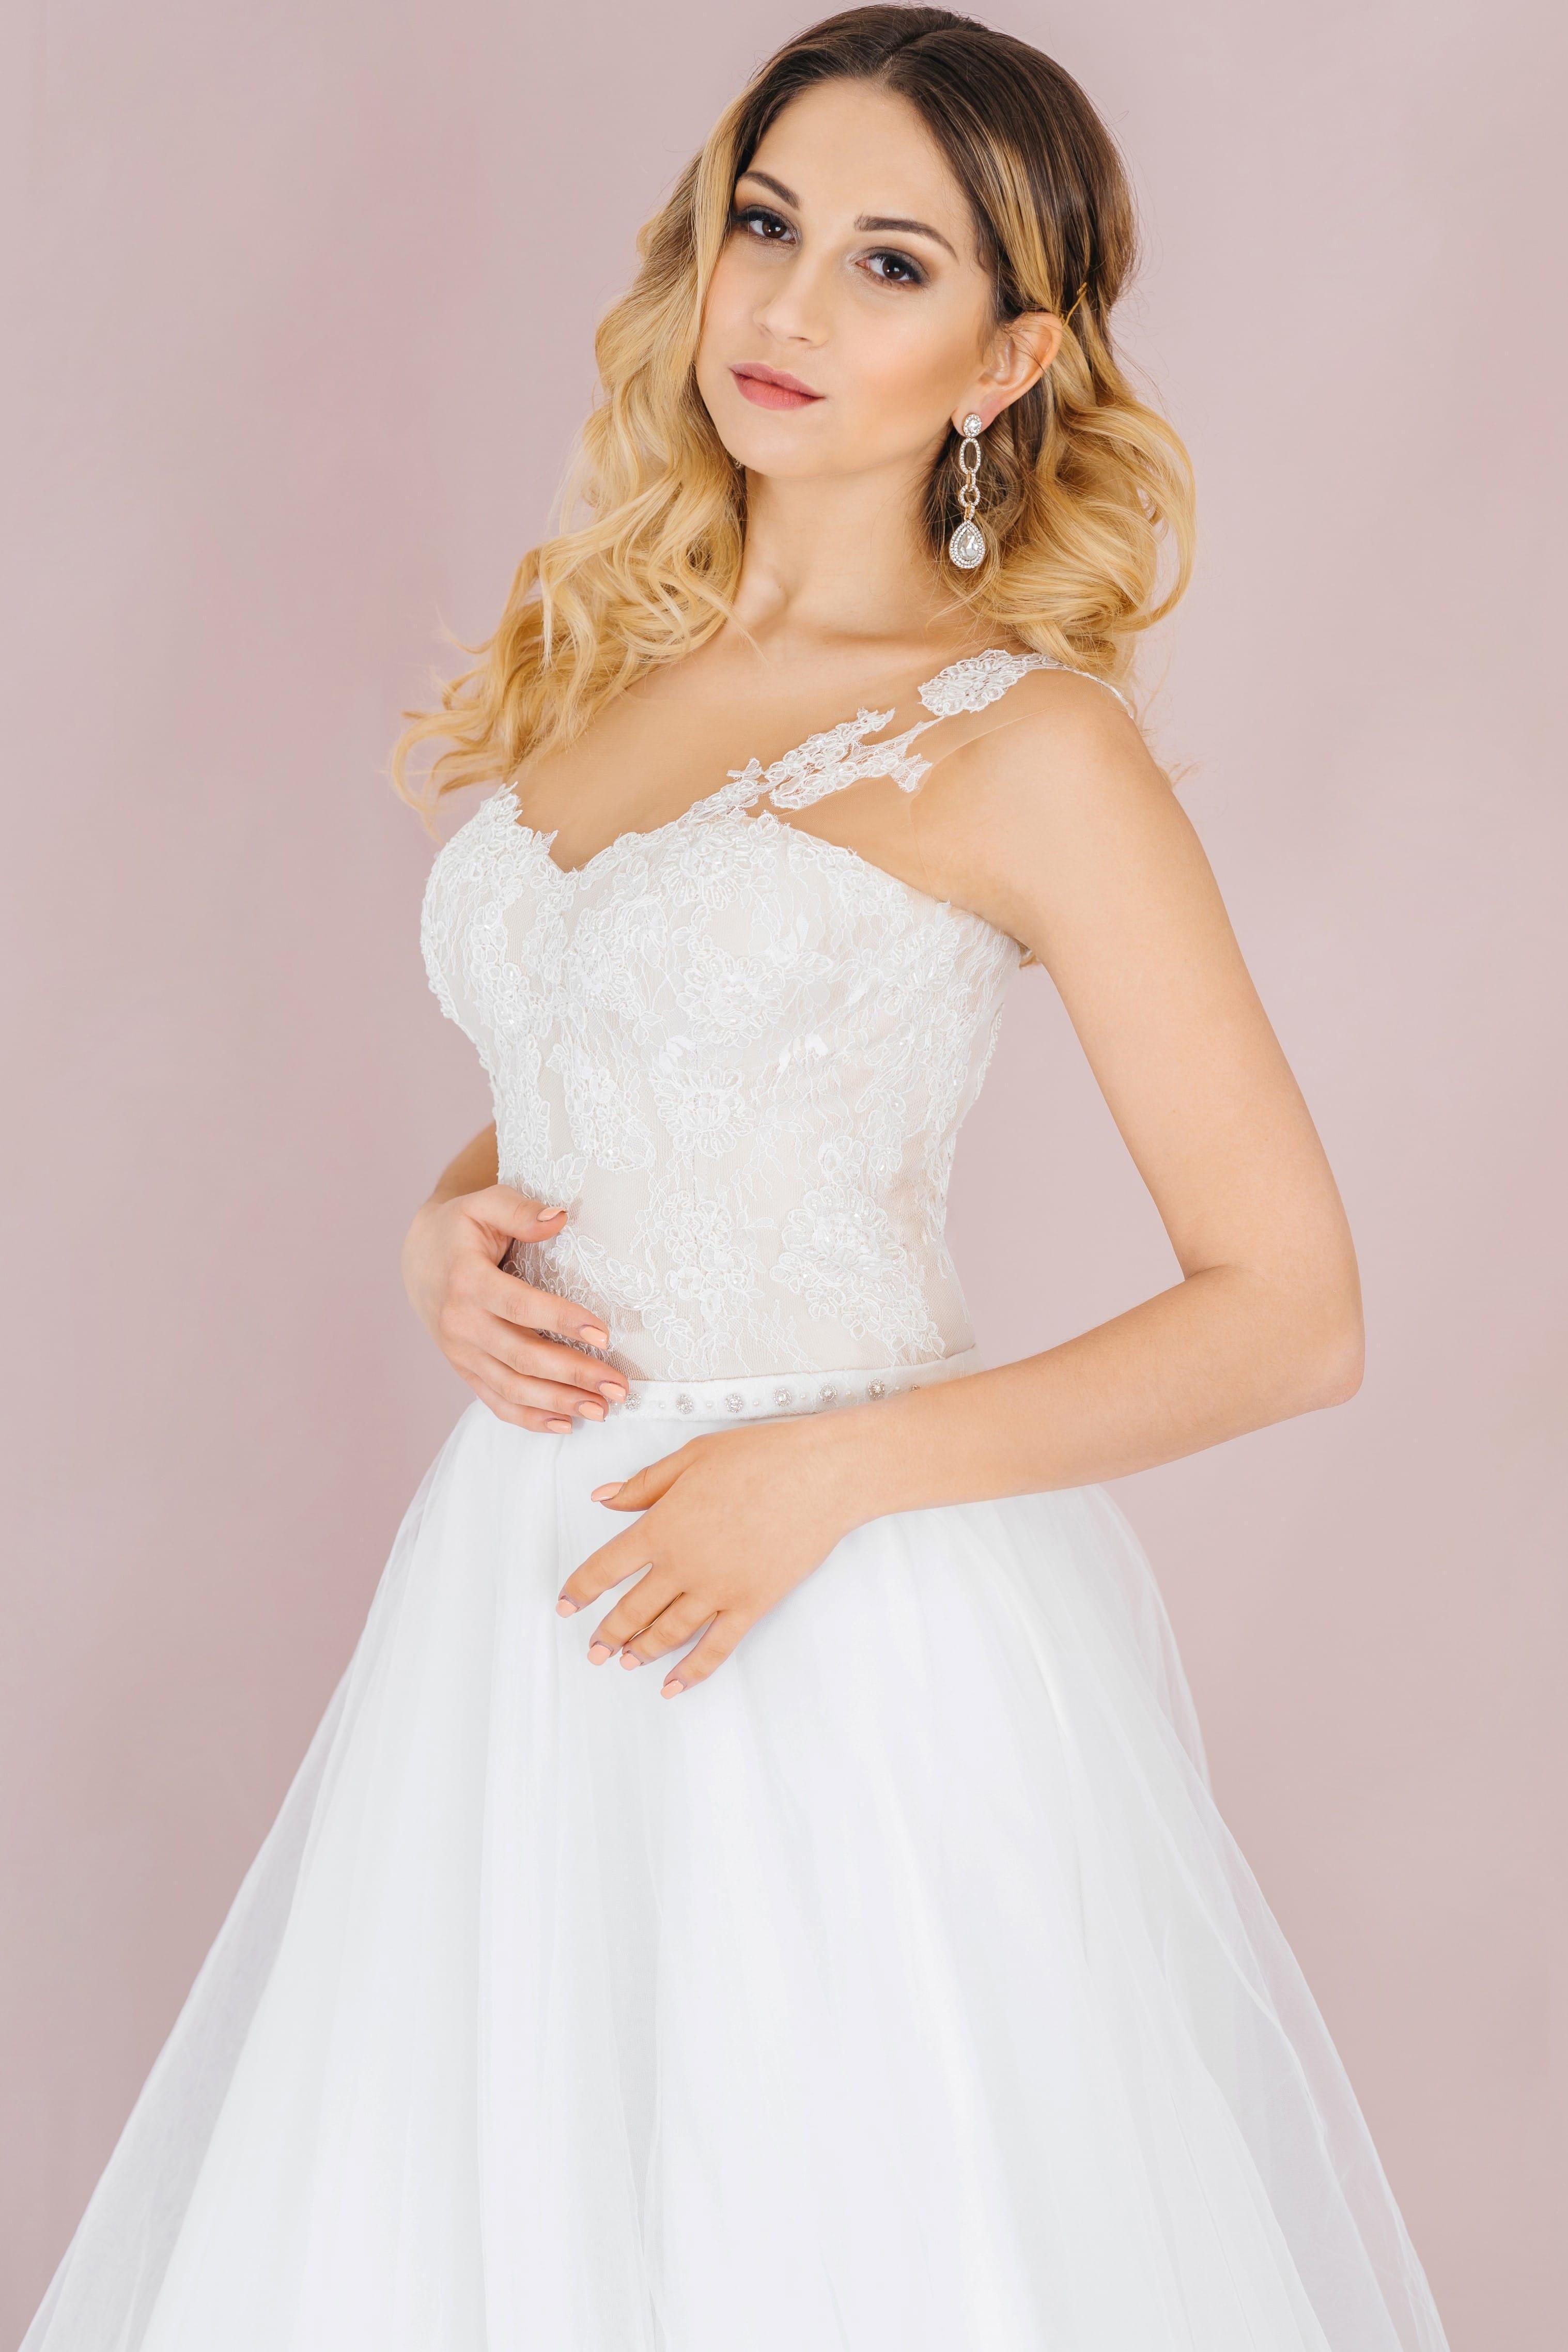 Свадебное платье FLORA, коллекция LOFT, бренд RARE BRIDAL, фото 5